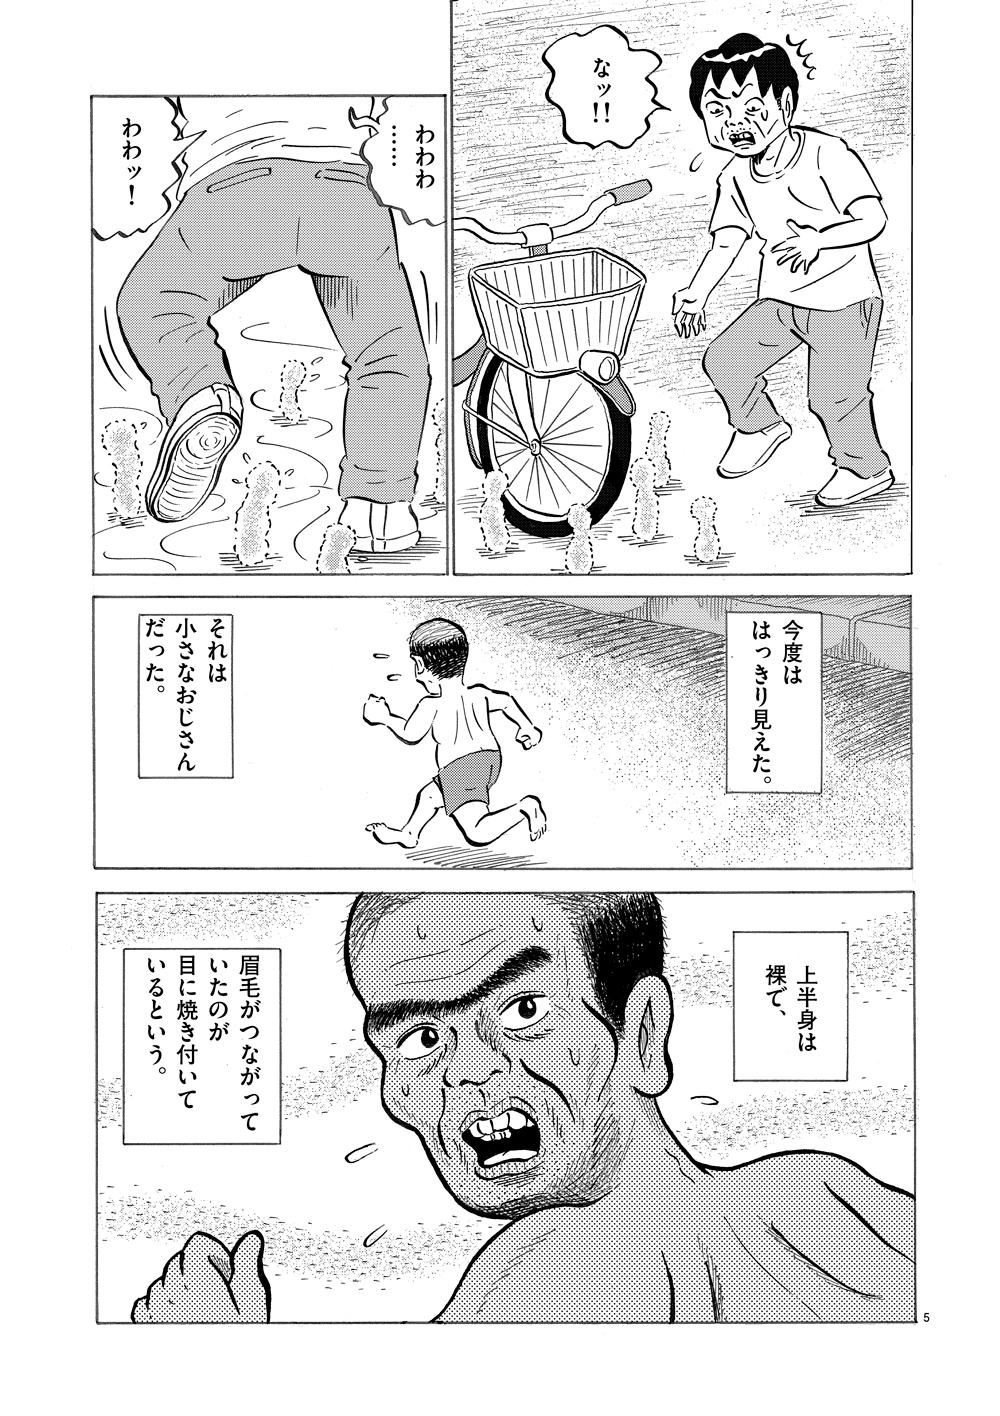 琉球怪談 【第1話】WEB掲載5ページ目画像